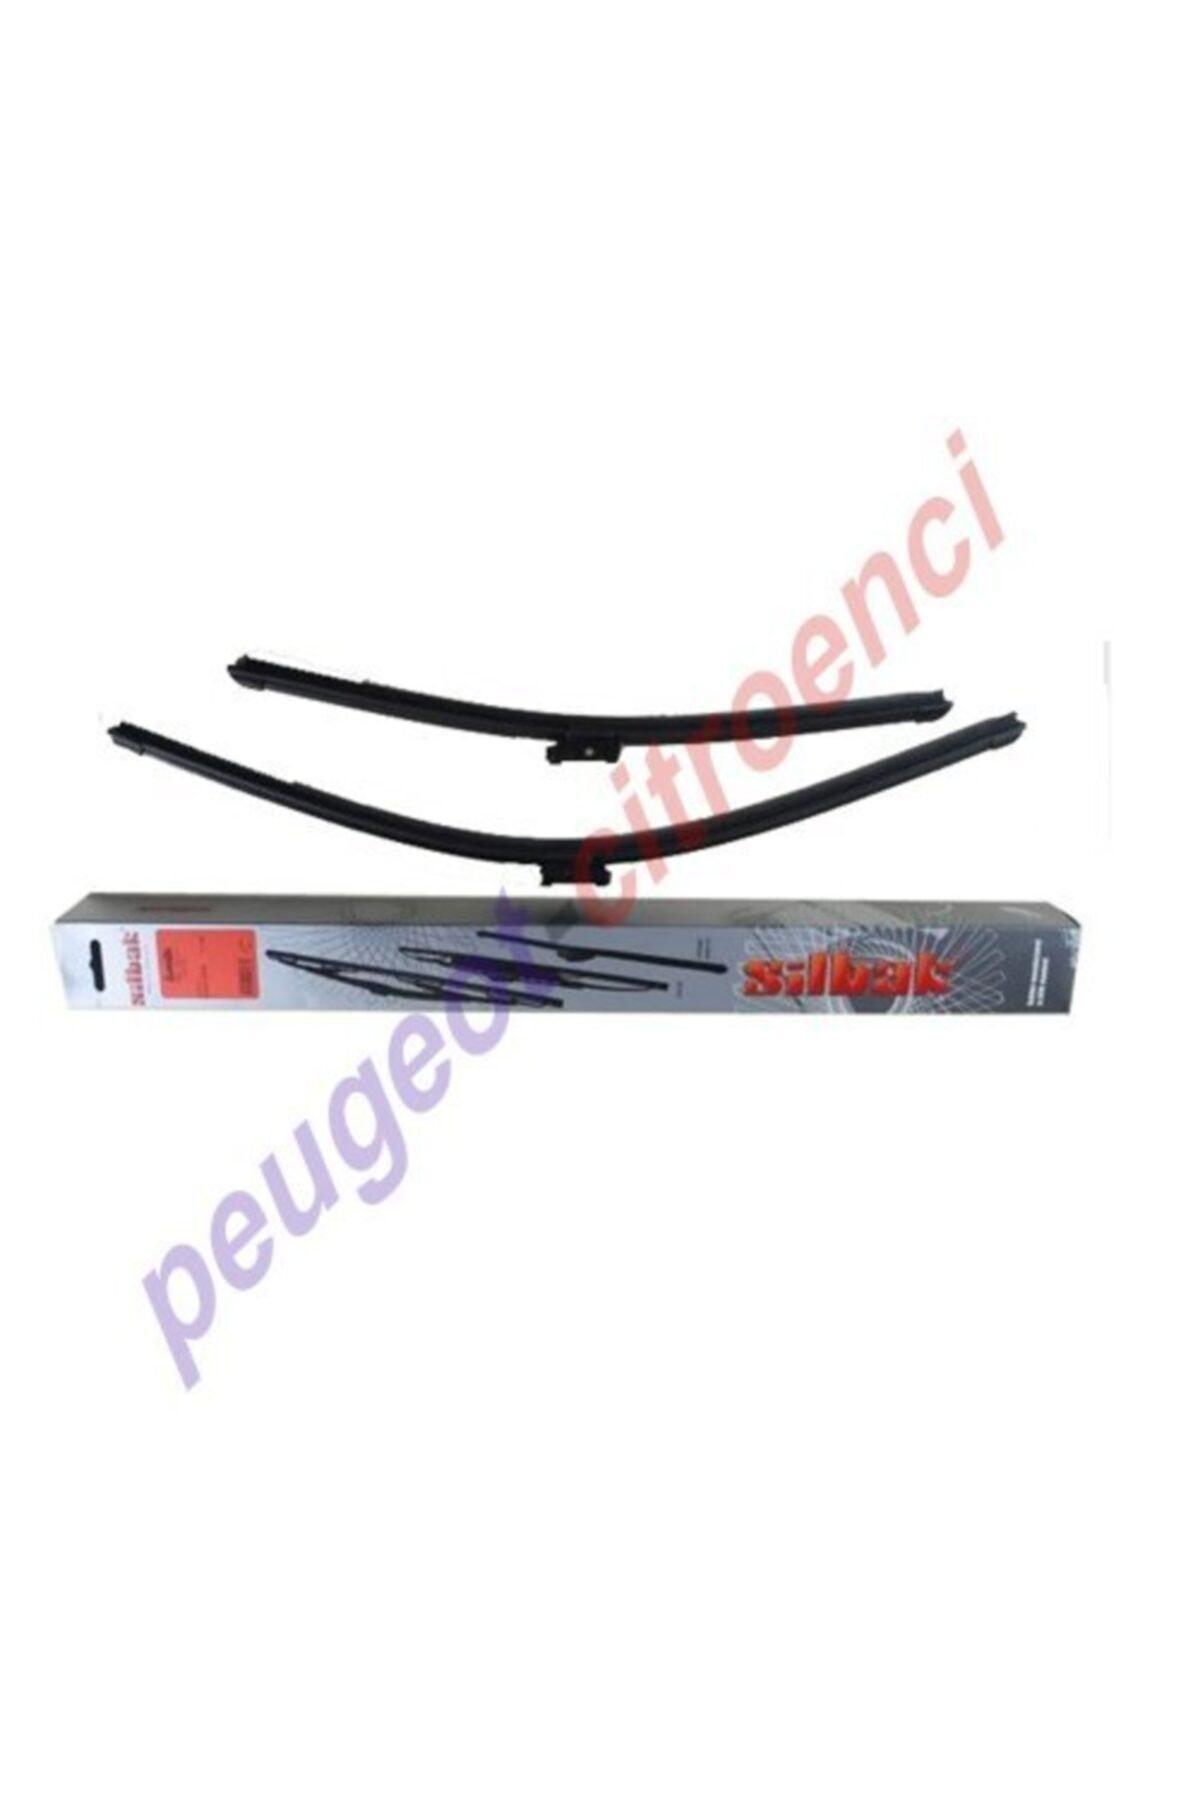 Silbak On Cam Sılecek Supurgesı Sag / Sol (800 / 680mm] 3008-5008 09-16 1